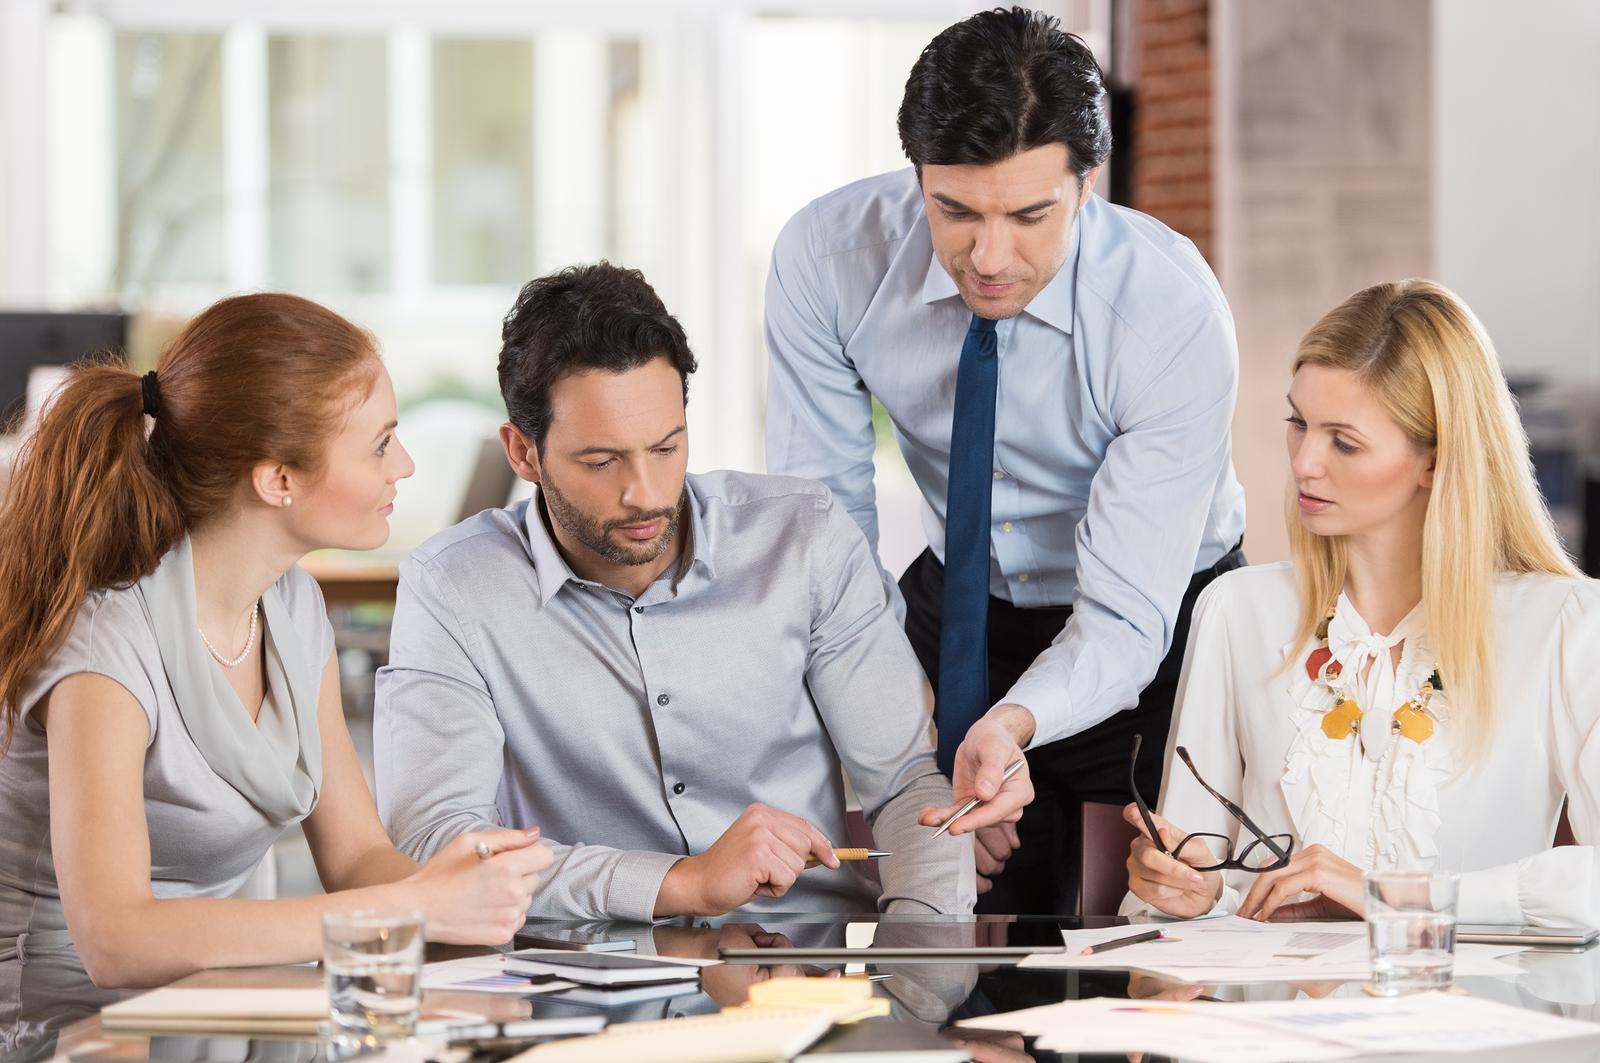 ویژگیهای-محیط-کاری-ایدهآل-چیست؟-1